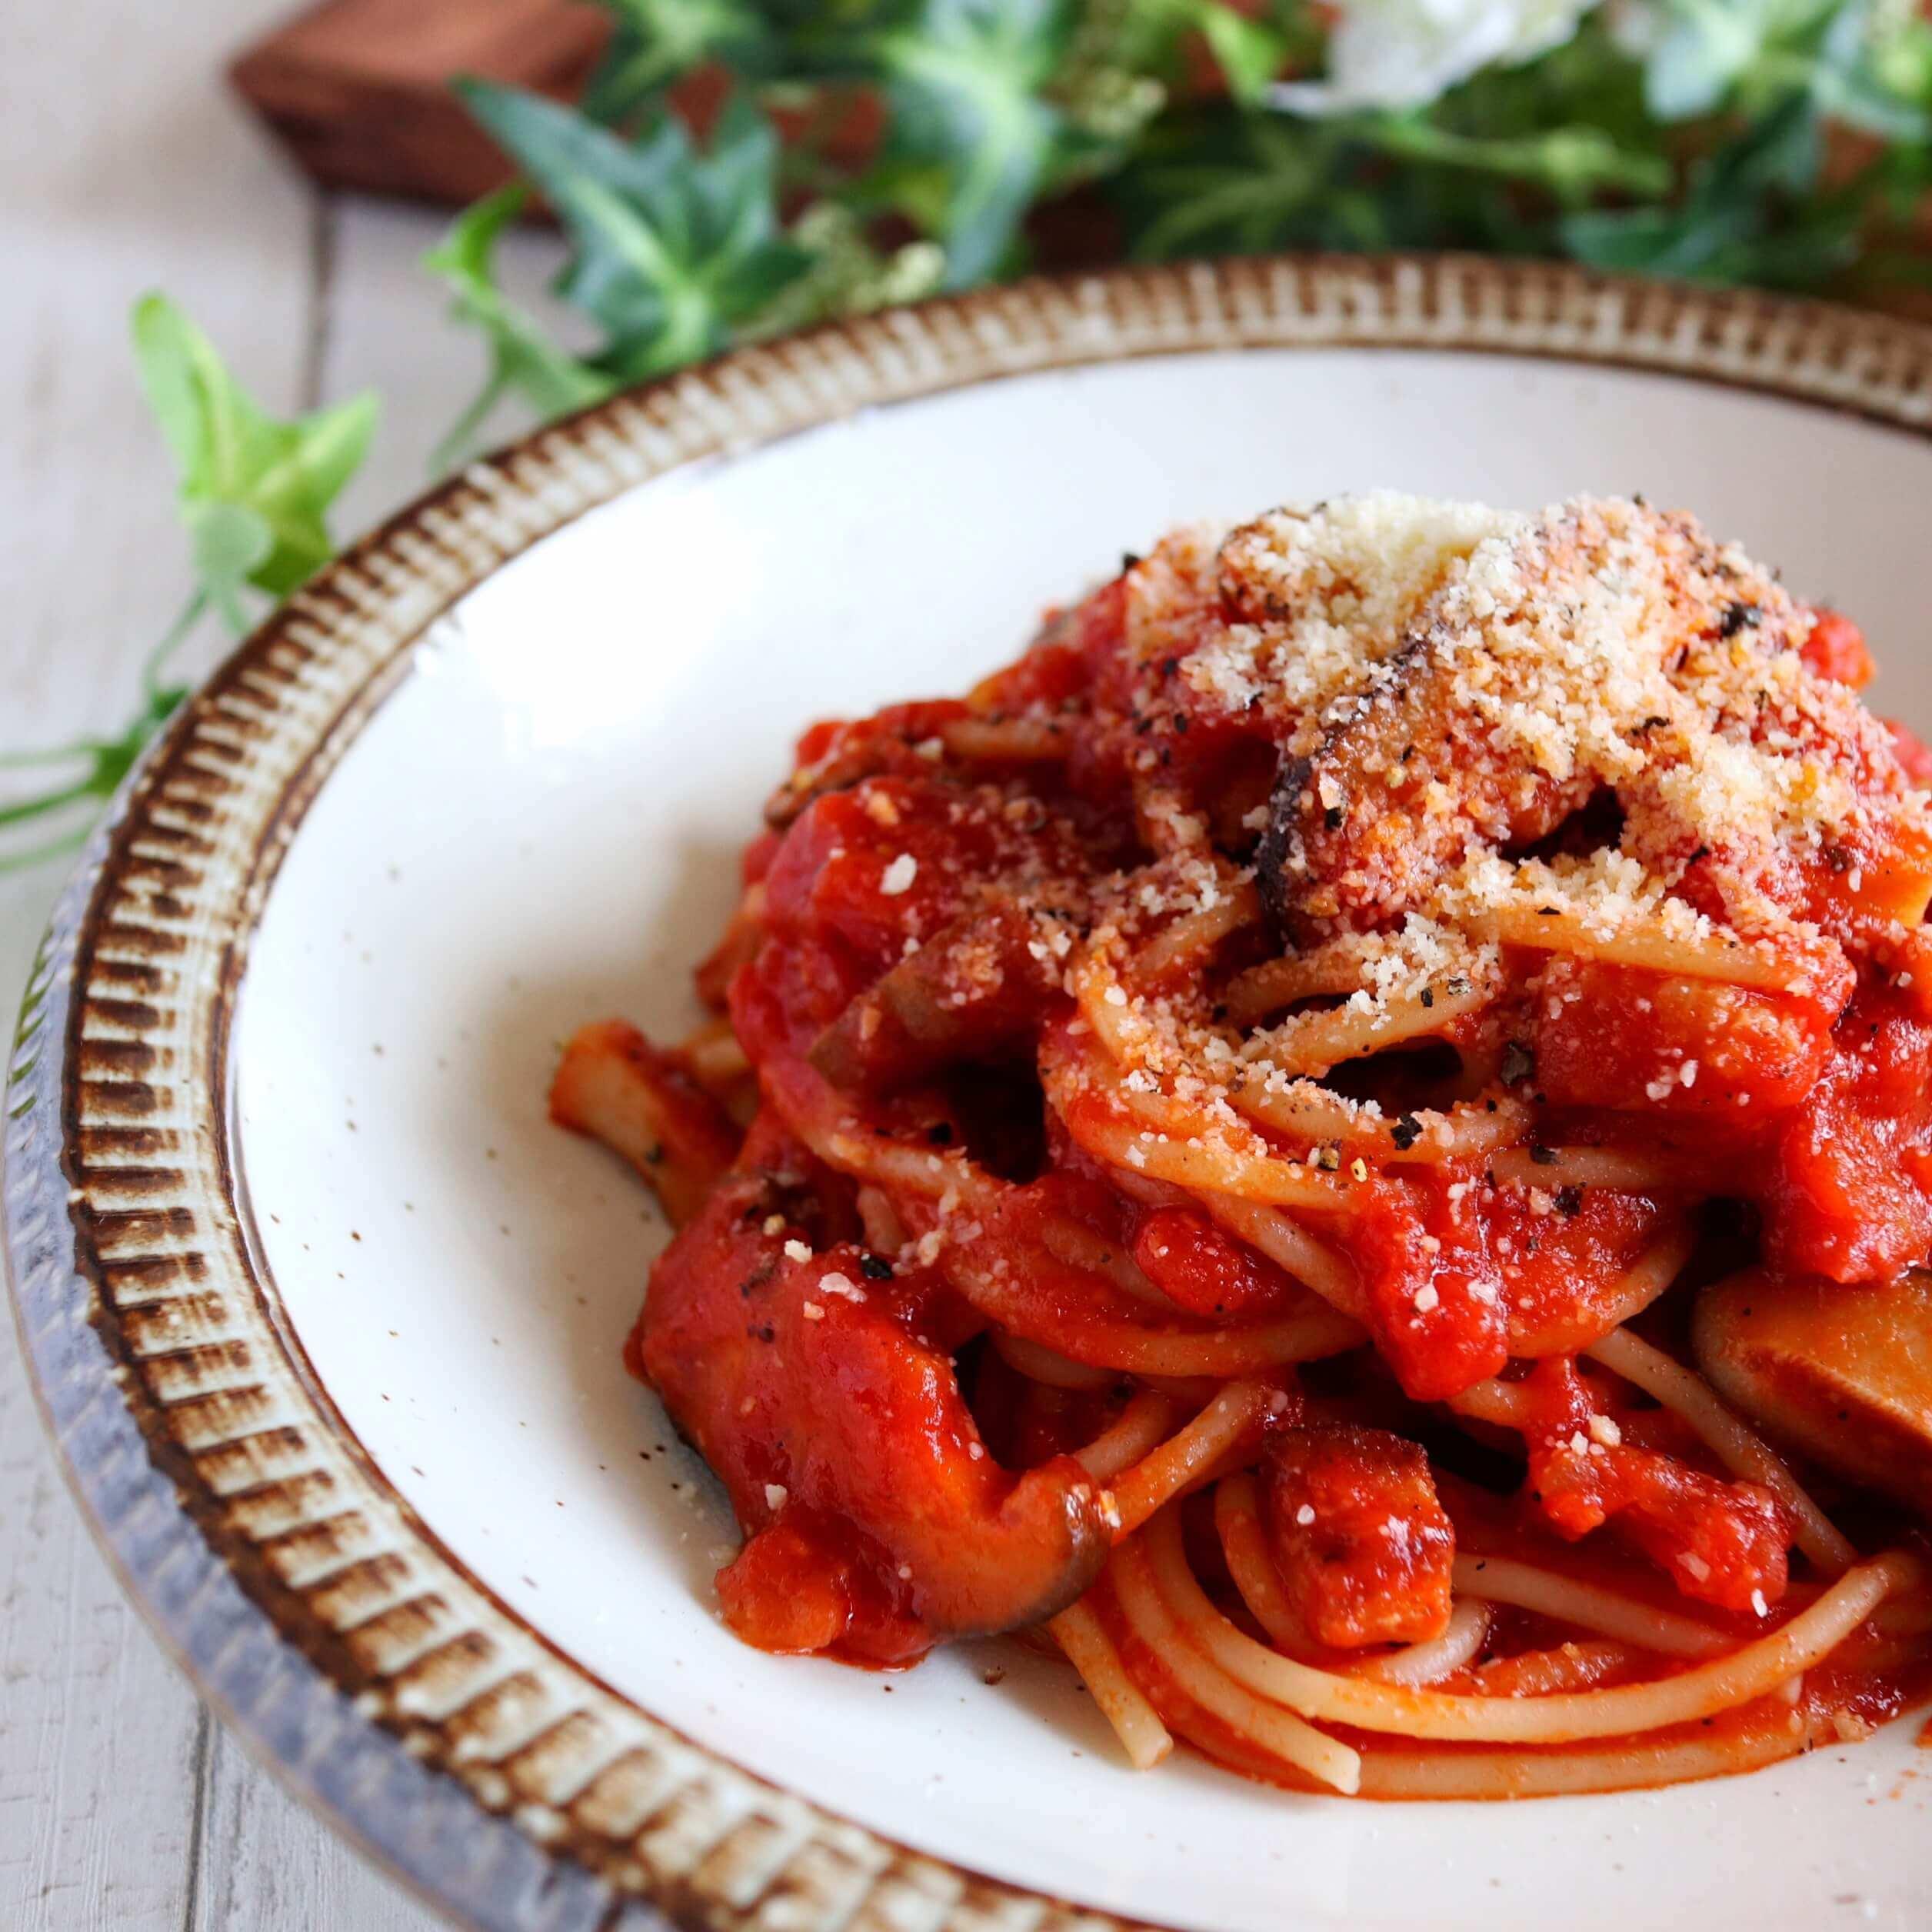 【絶品】椎茸とベーコンのトマトパスタのレシピ